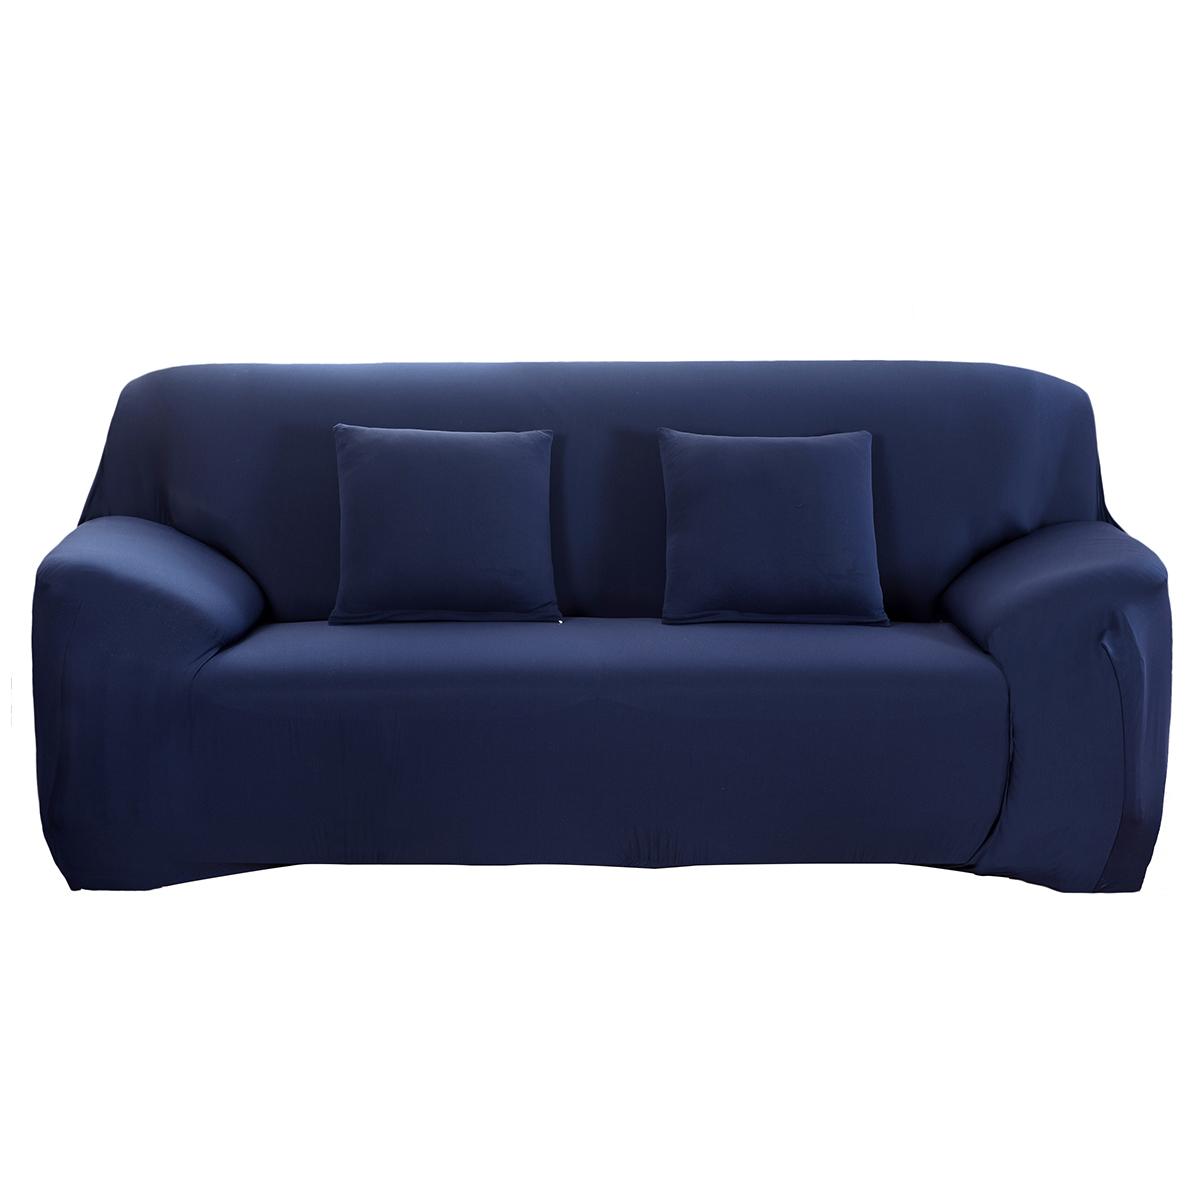 1 3 sitzer sofabezug stretchhusse sofahusse sitzbezug sofabez ge navy blue de ebay. Black Bedroom Furniture Sets. Home Design Ideas